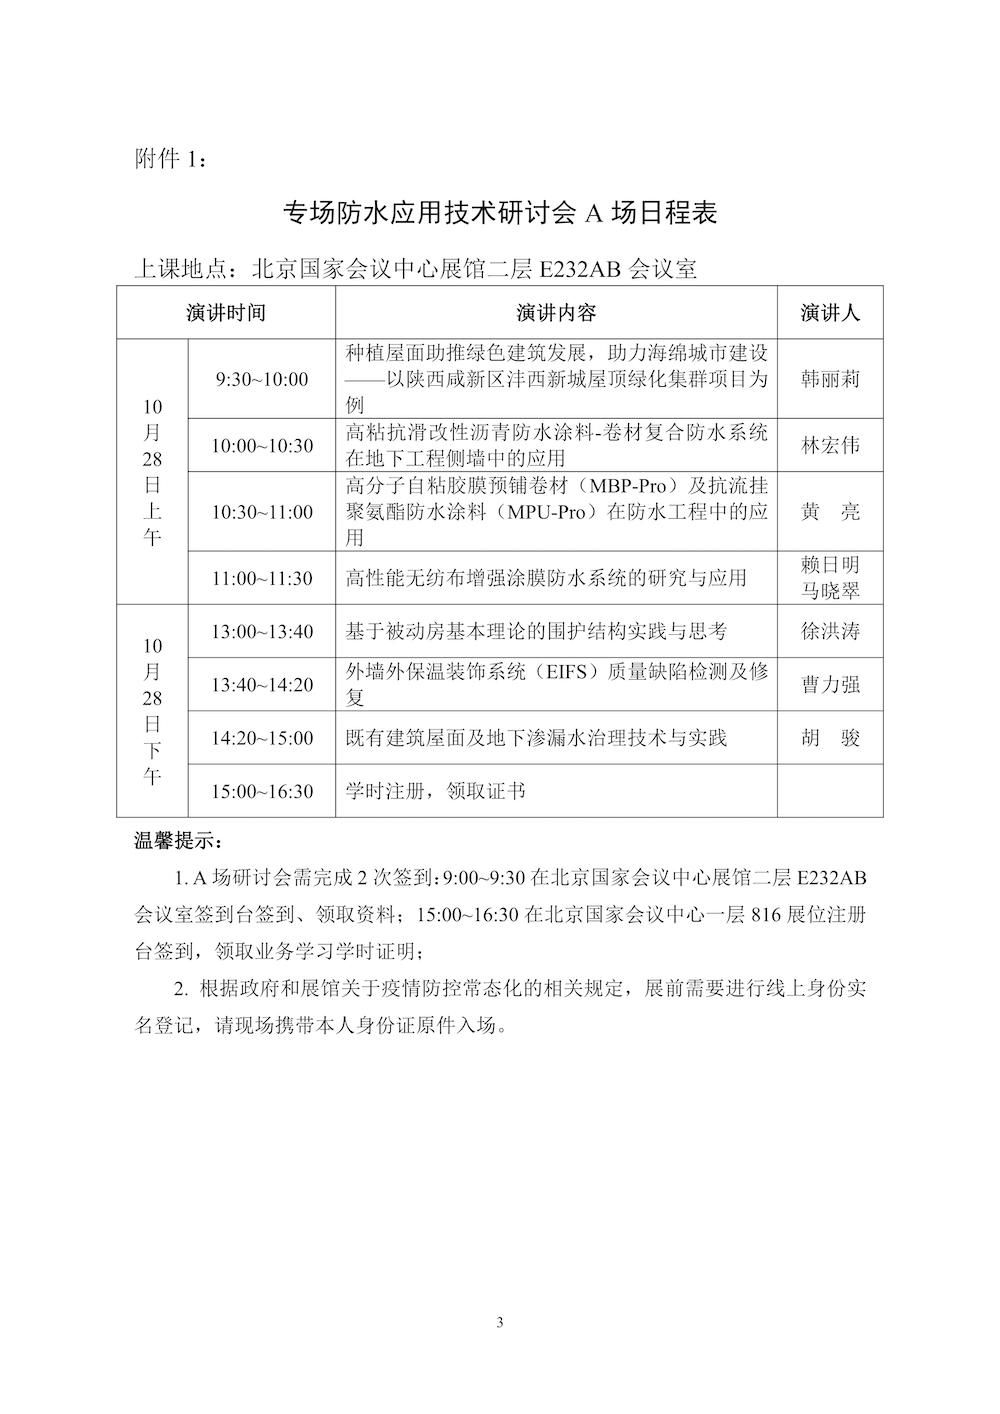 (新)關于報名參加建筑防水應用技術研討會的通知3.jpg